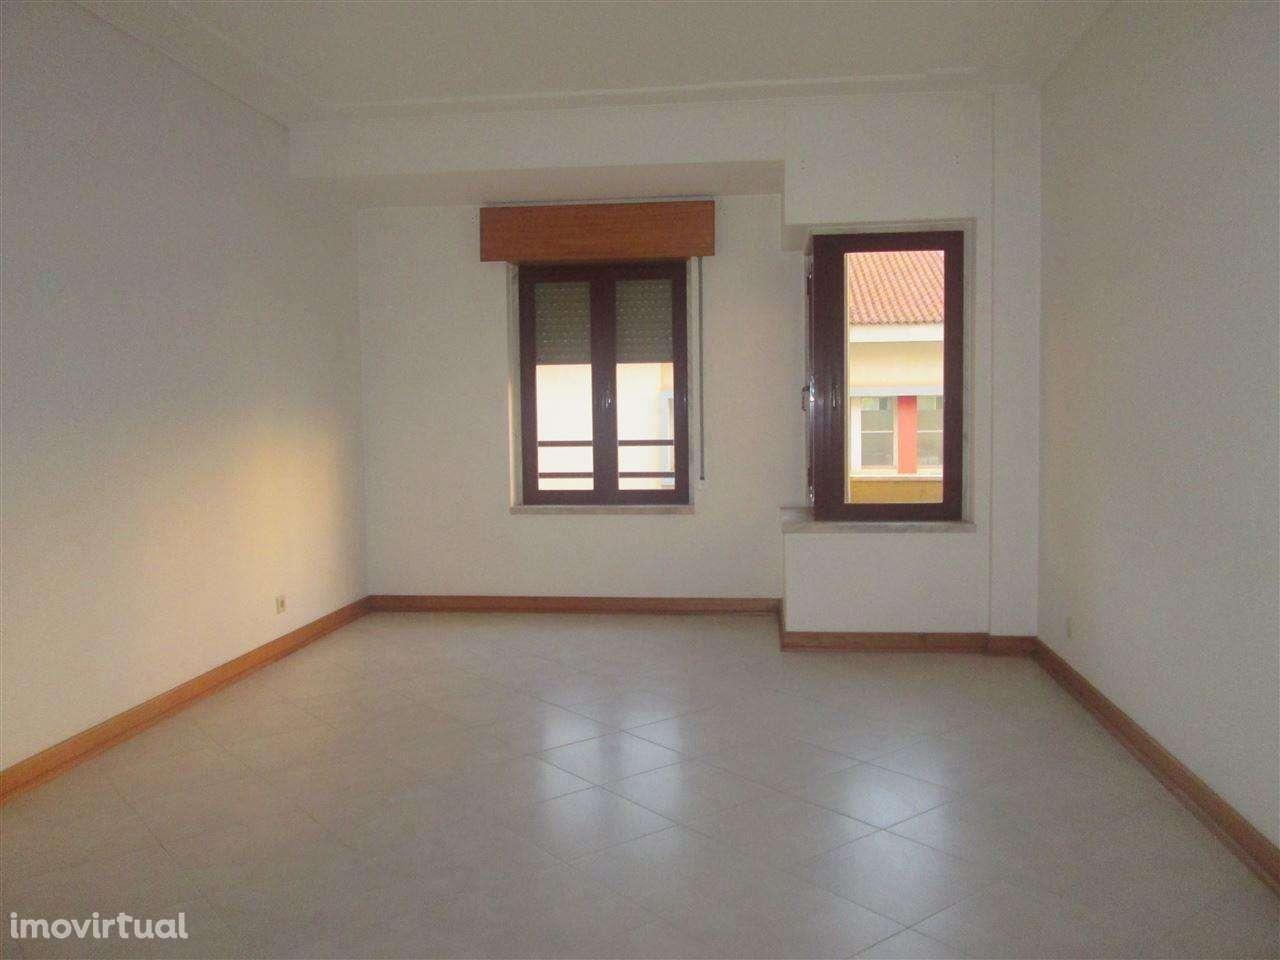 Apartamento para comprar, Mafra, Lisboa - Foto 4